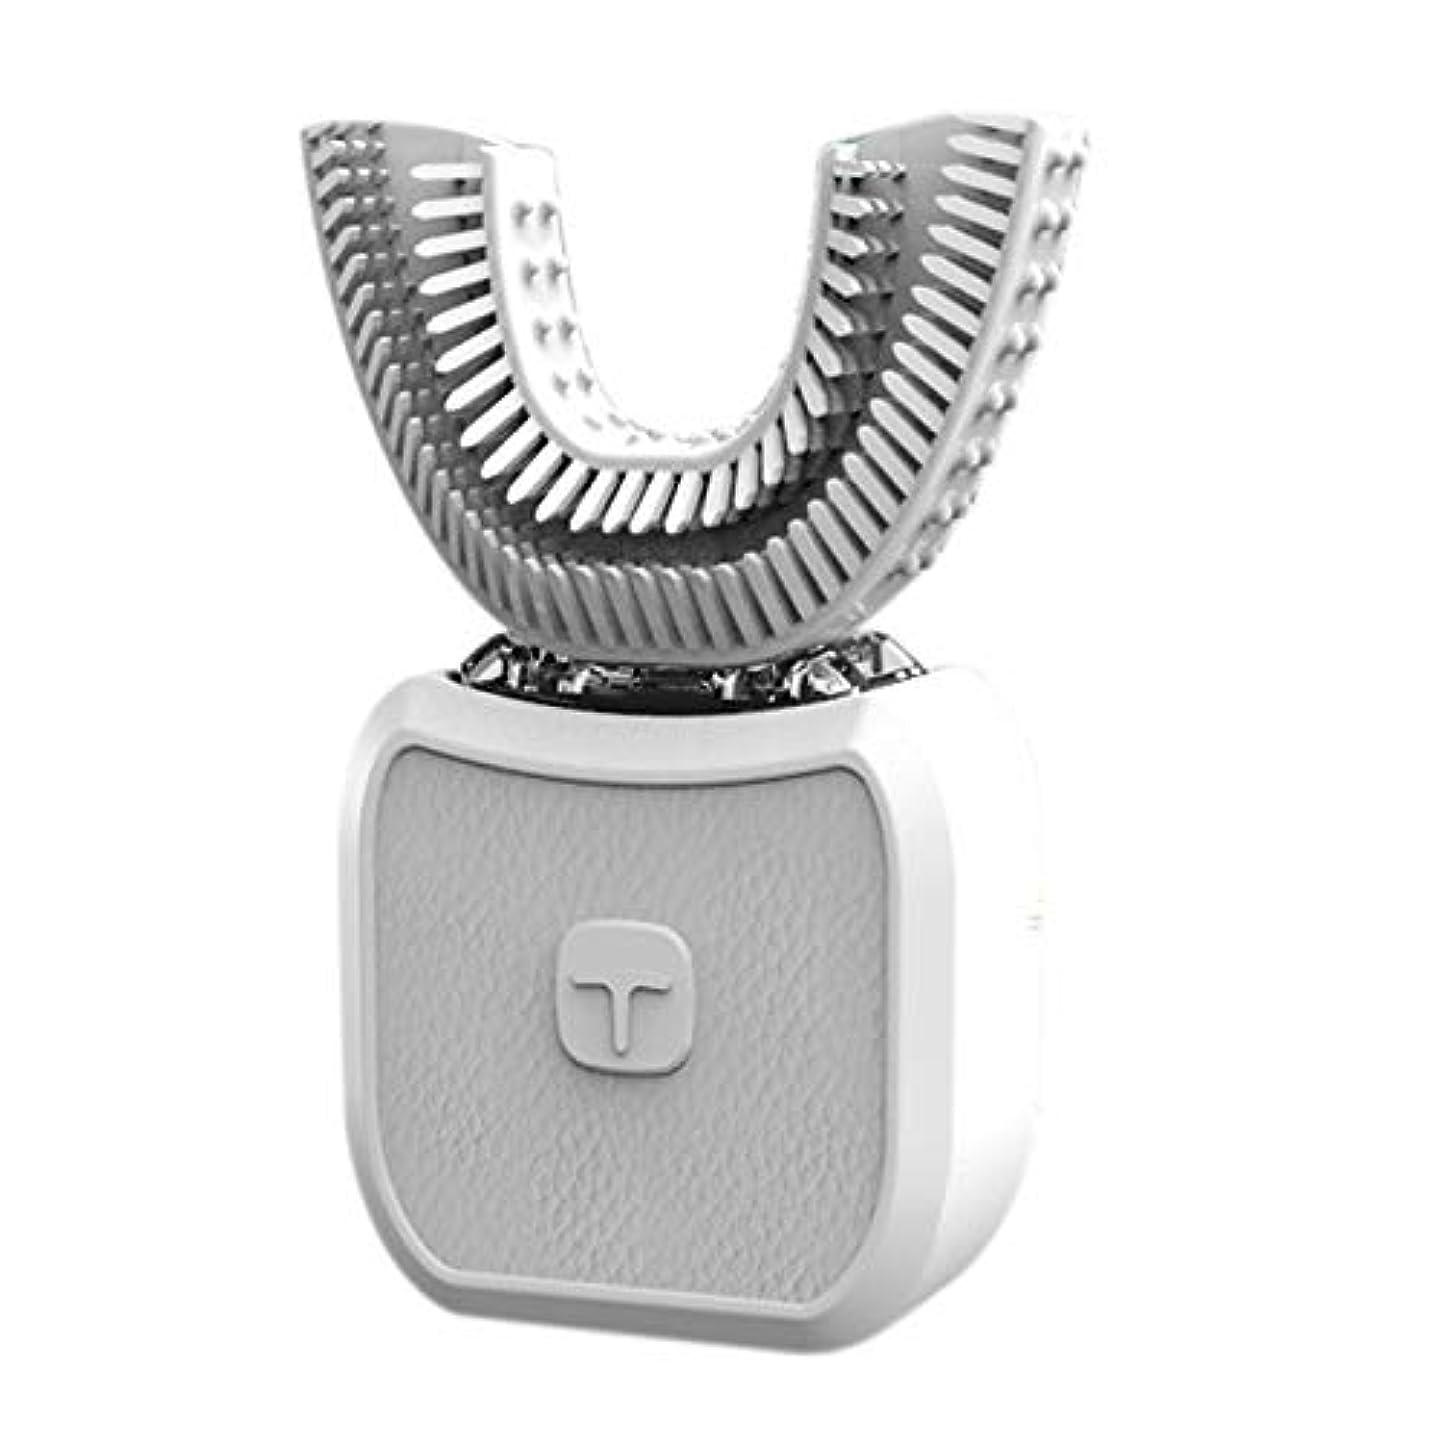 愛されし者近所の打撃フルオートマチック可変周波数電動歯ブラシ、自動360度U字型電動歯ブラシ、ワイヤレス充電IPX7防水自動歯ブラシ(大人用),White